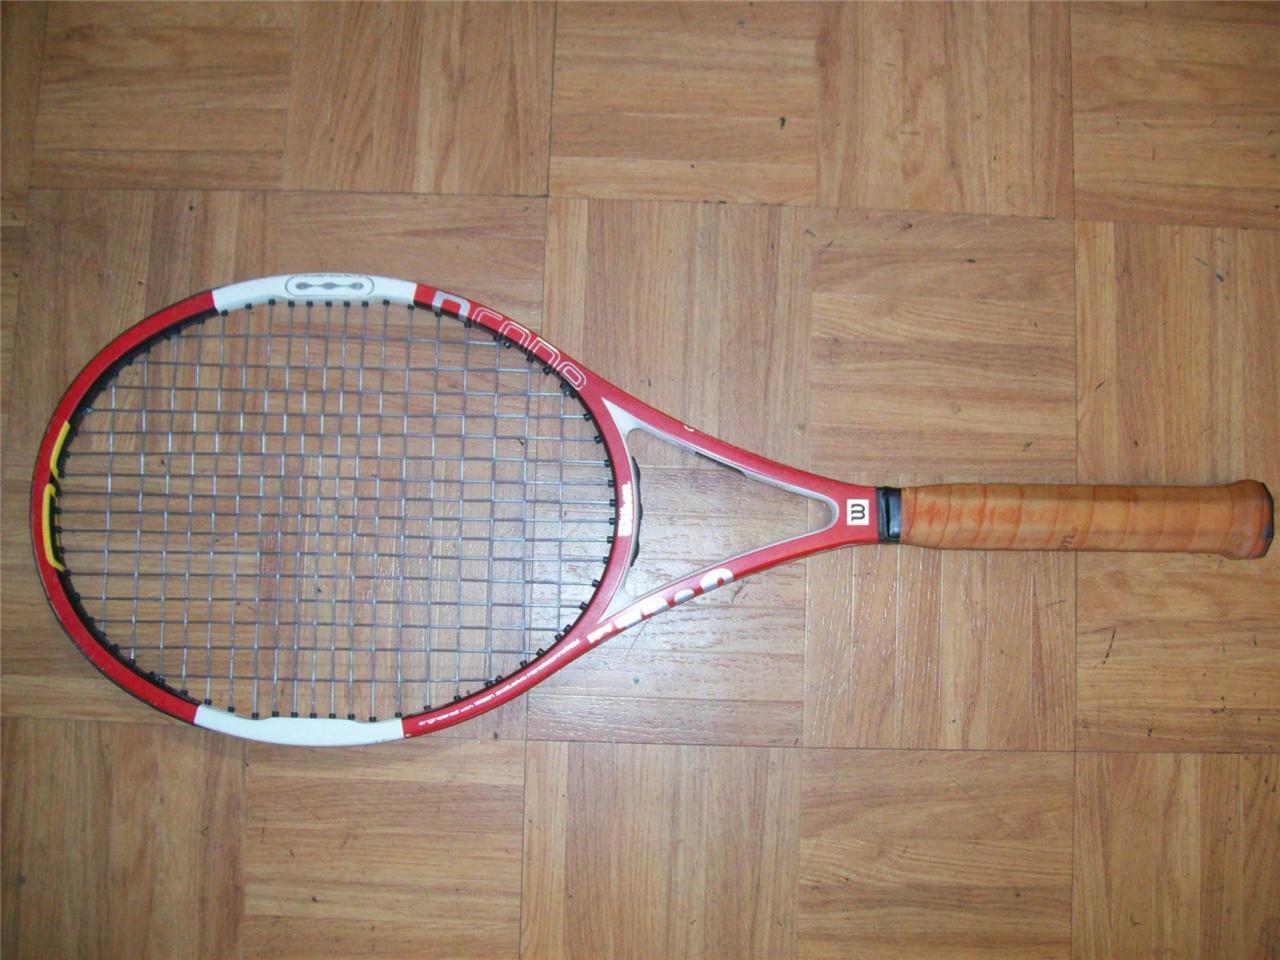 Wilson Ncode Six-One Tour 90 head Federer 4 5 8 grip  Tennis Racquet